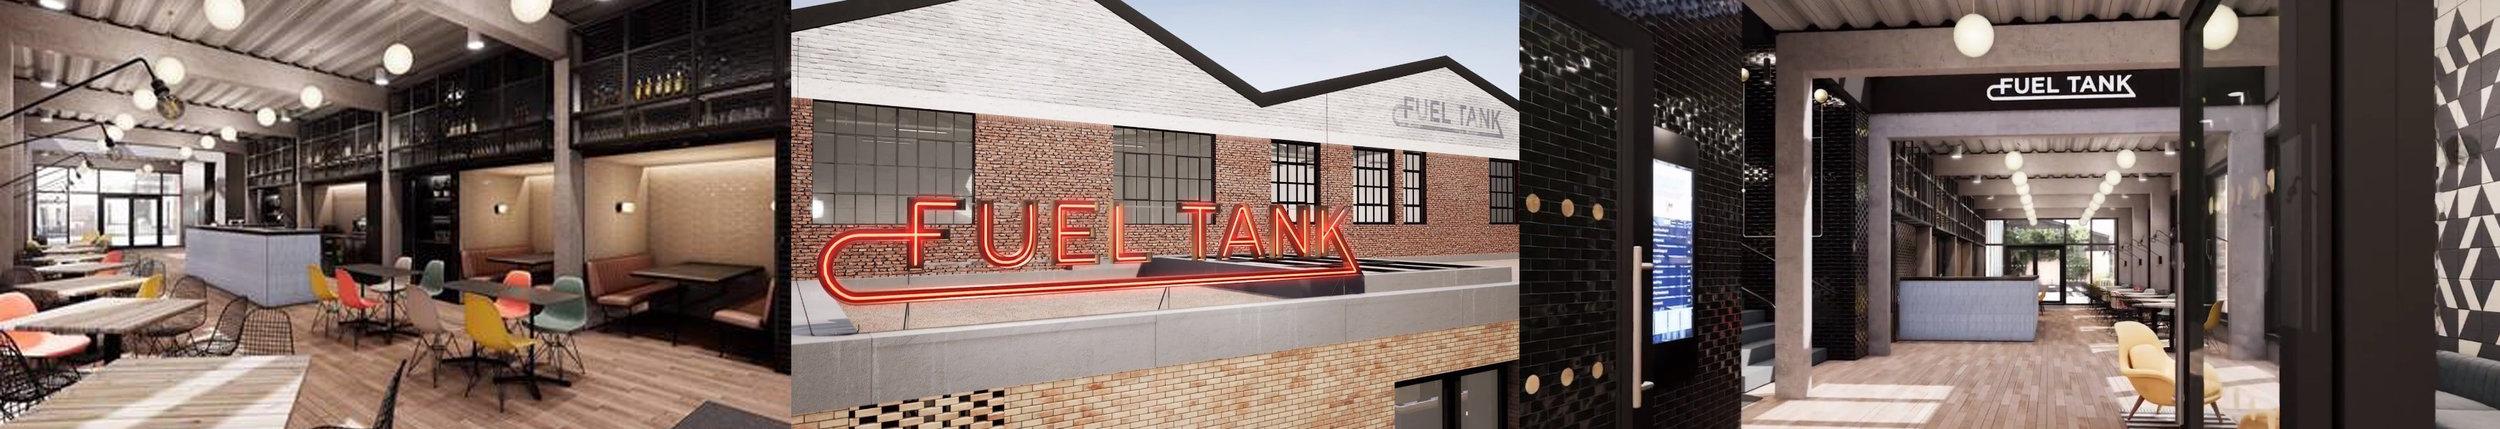 fuel_tank_2.jpg